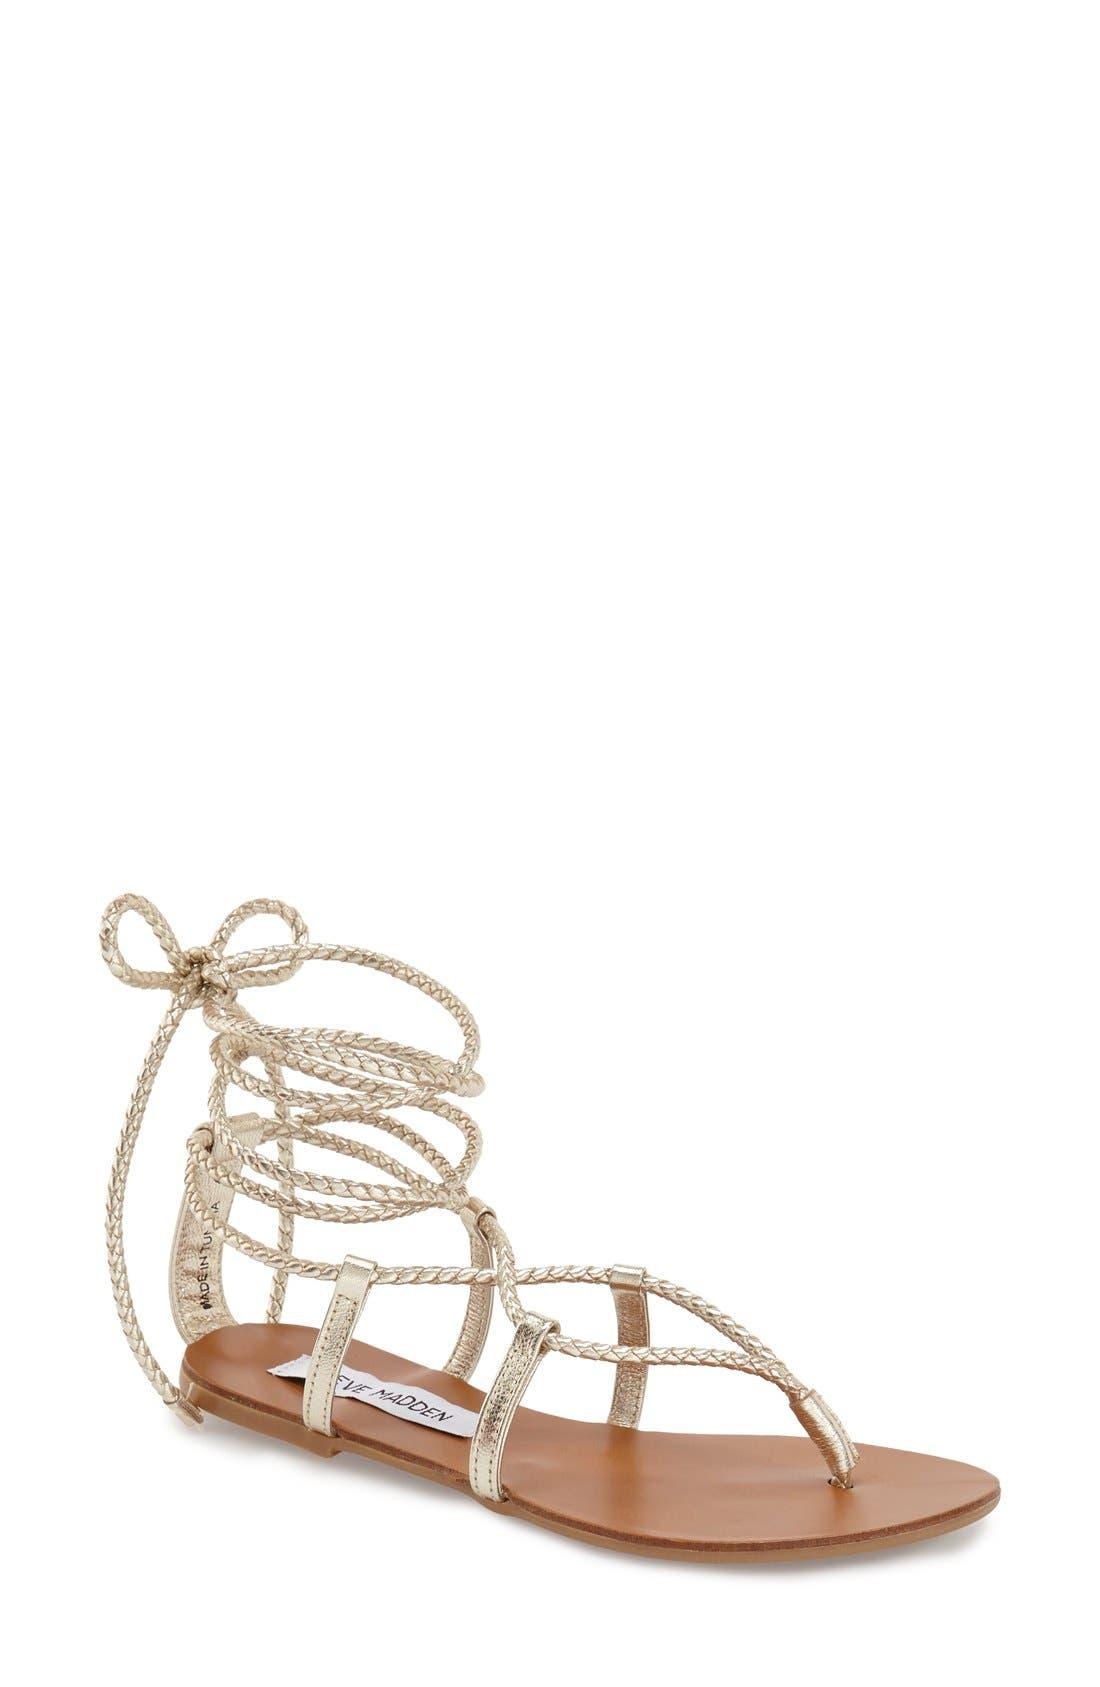 Alternate Image 1 Selected - Steve Madden 'Werkit' Gladiator Sandal (Women)